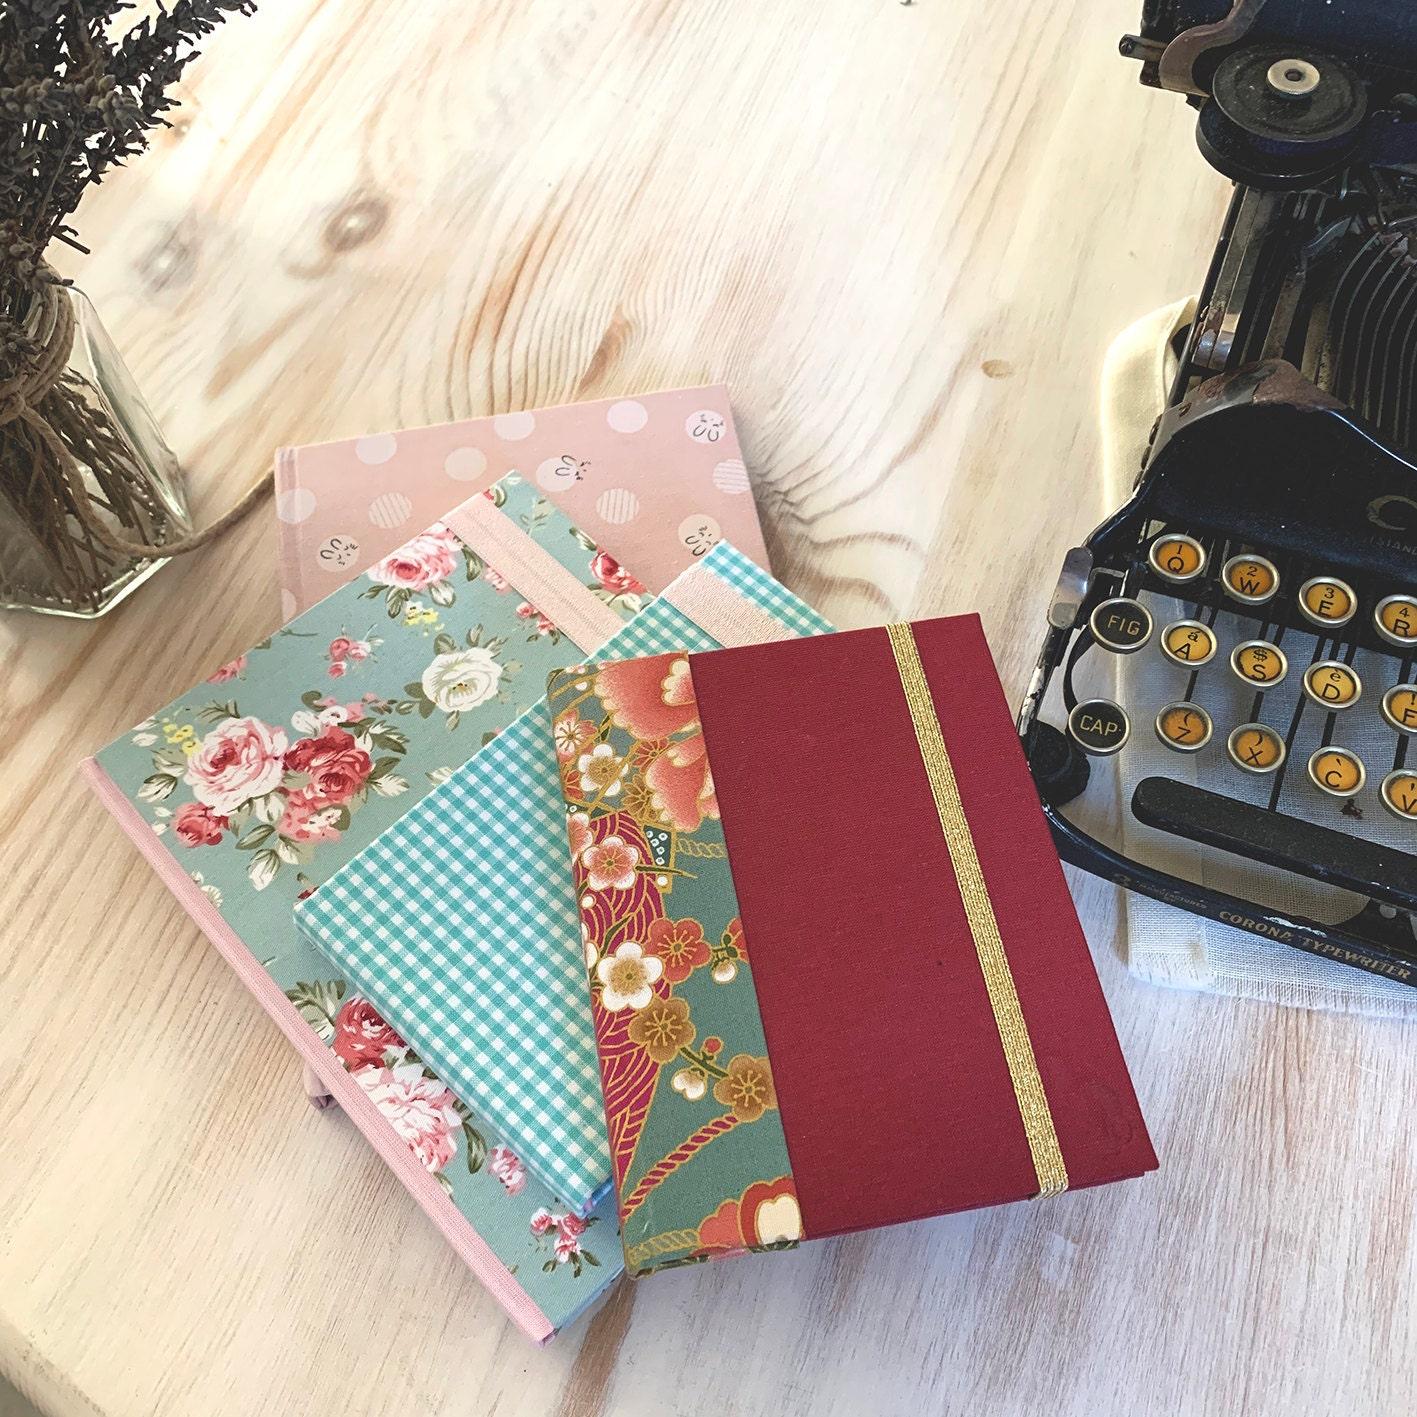 Libretas o cuadernos artesanales para recopilar momentos